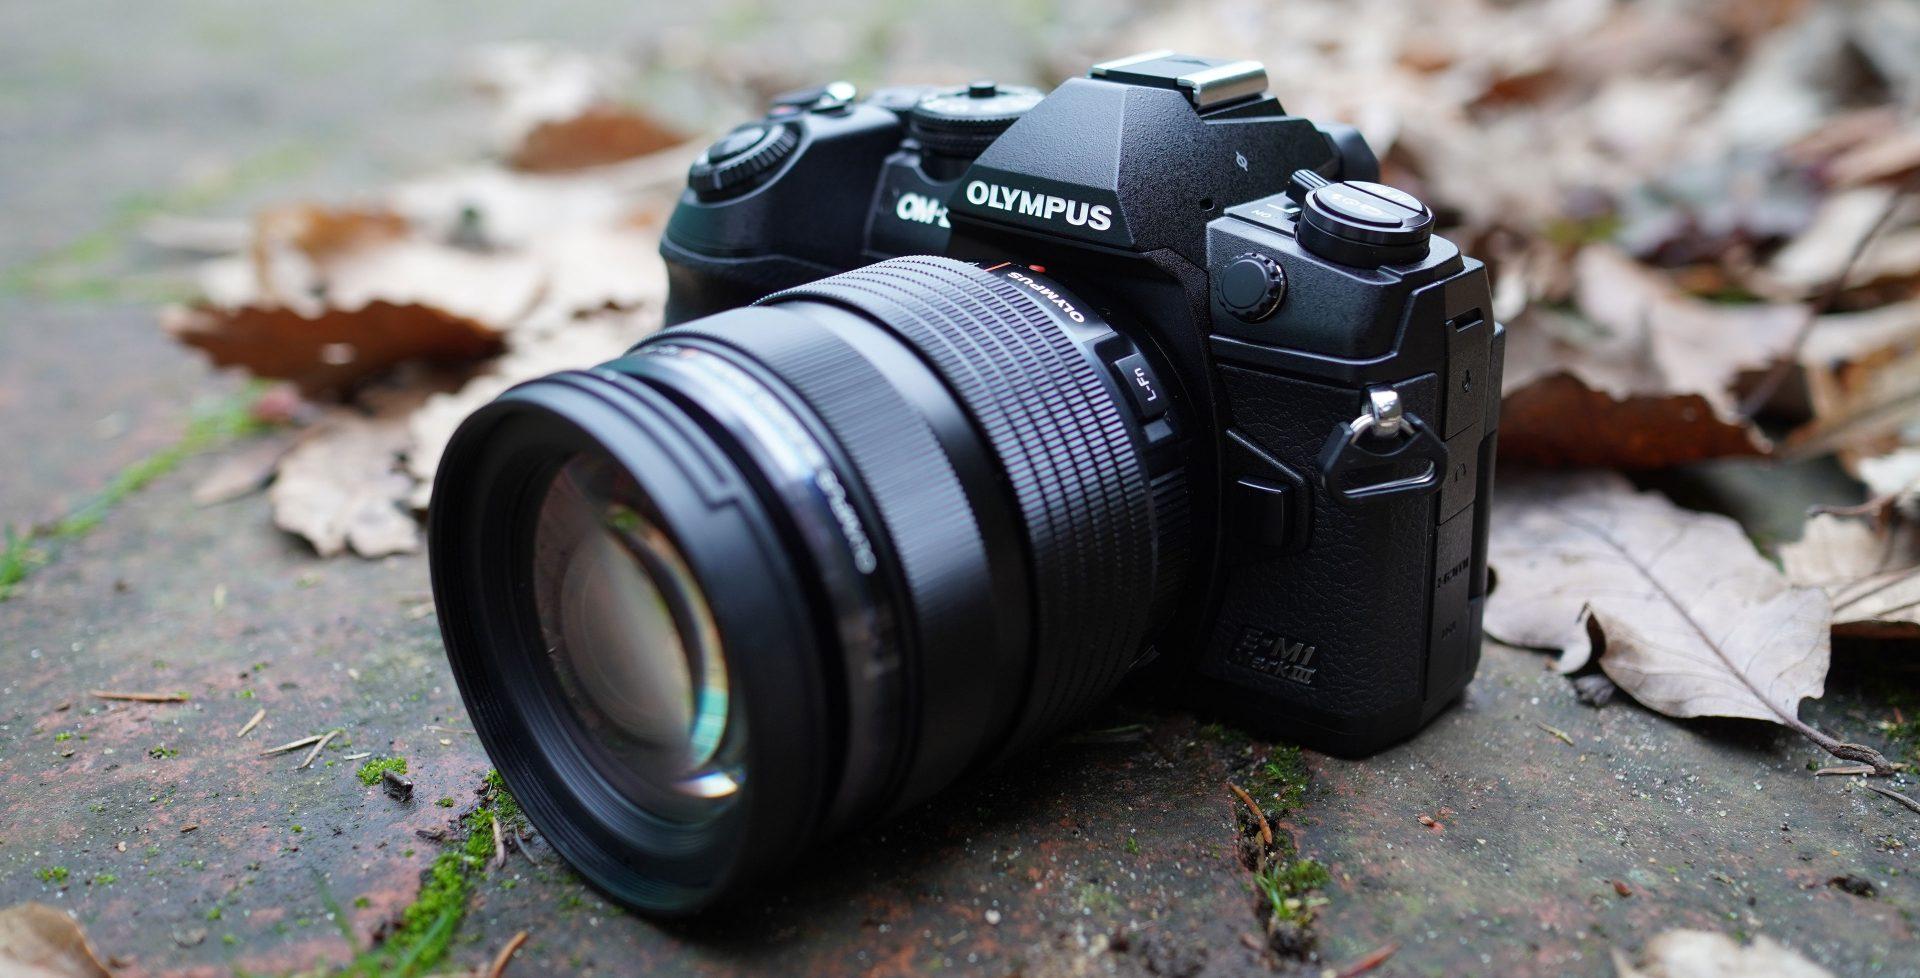 olympus-omd-em1-iii-header1